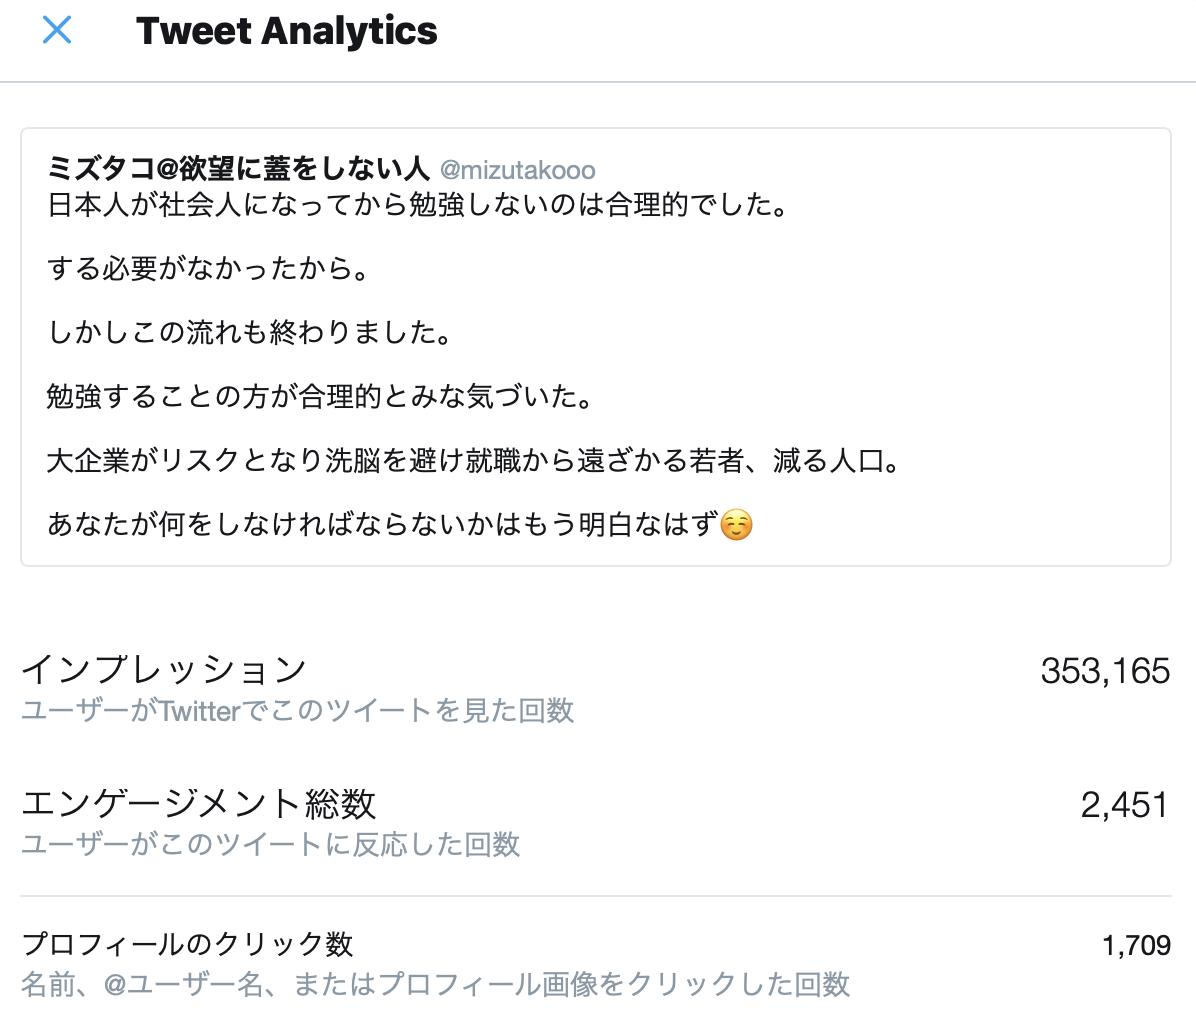 f:id:Mizutakooo:20191105093849p:plain